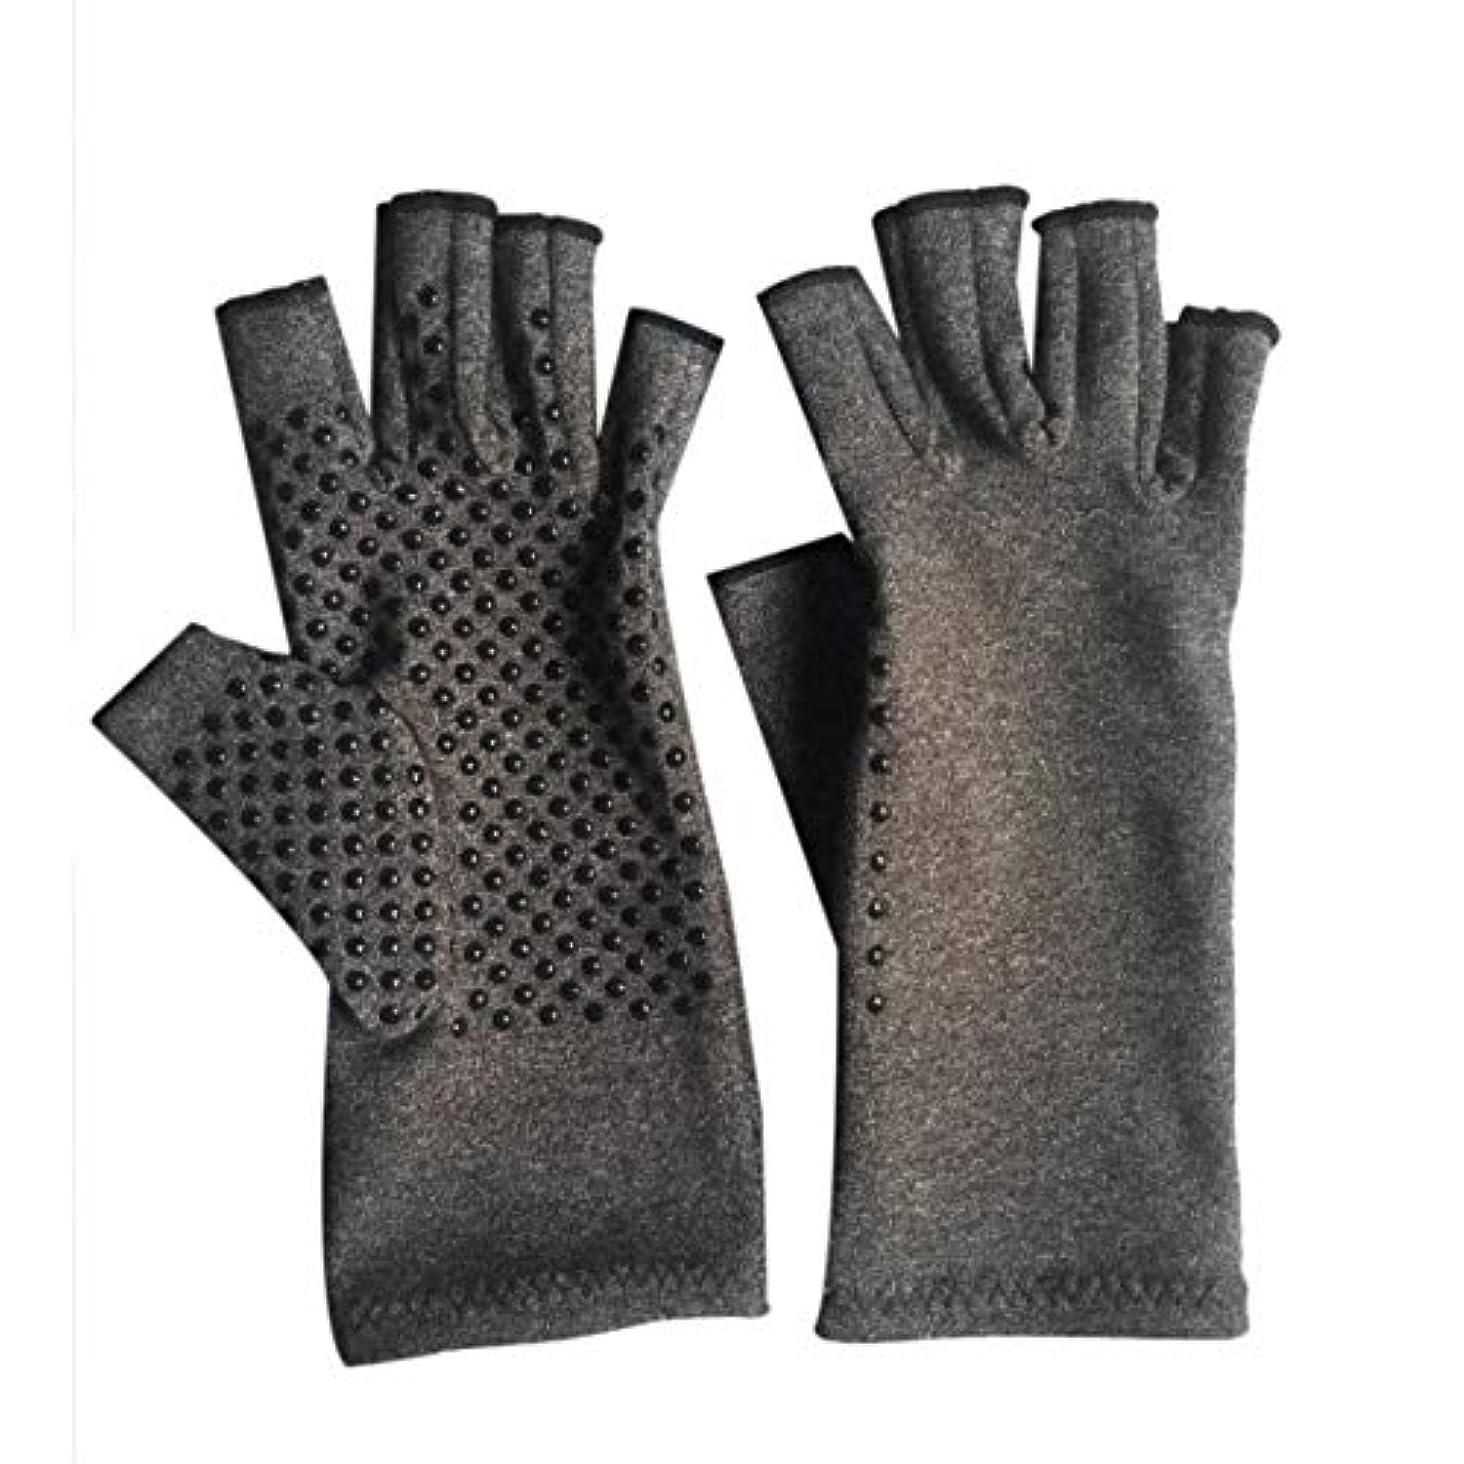 早い十代軍隊1ペアユニセックス男性女性療法圧縮手袋関節炎関節痛緩和ヘルスケア半指手袋トレーニング手袋 - グレーM